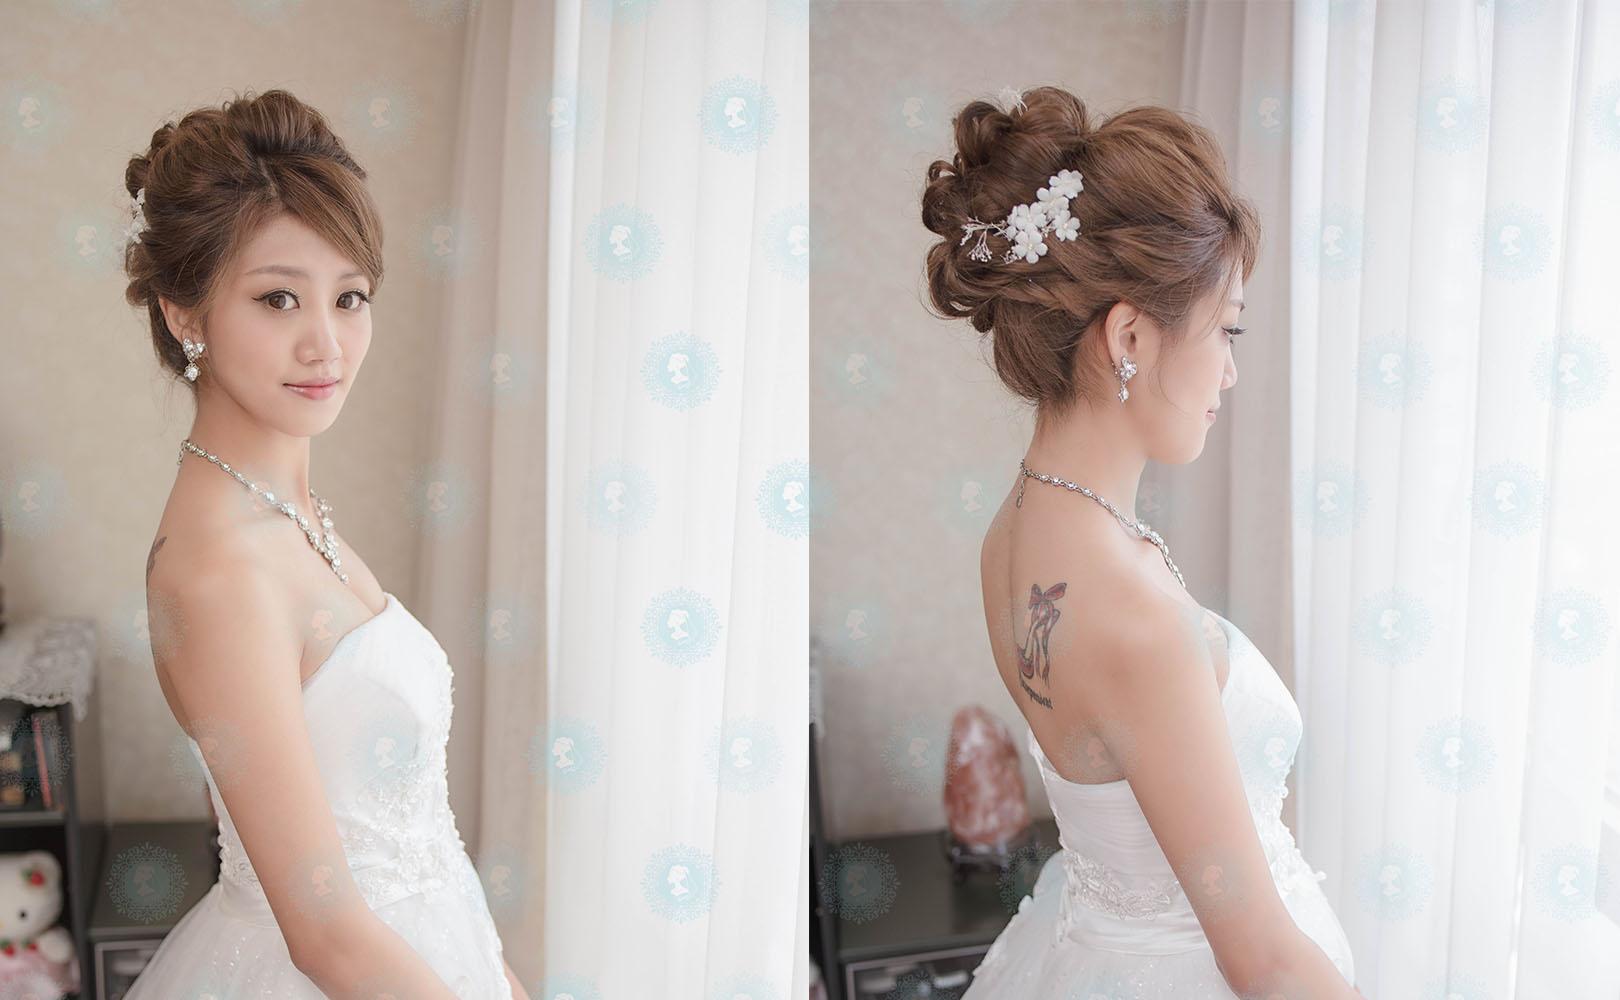 新娘秘書造型師作品-淡雅自然系公主作品照片圖3